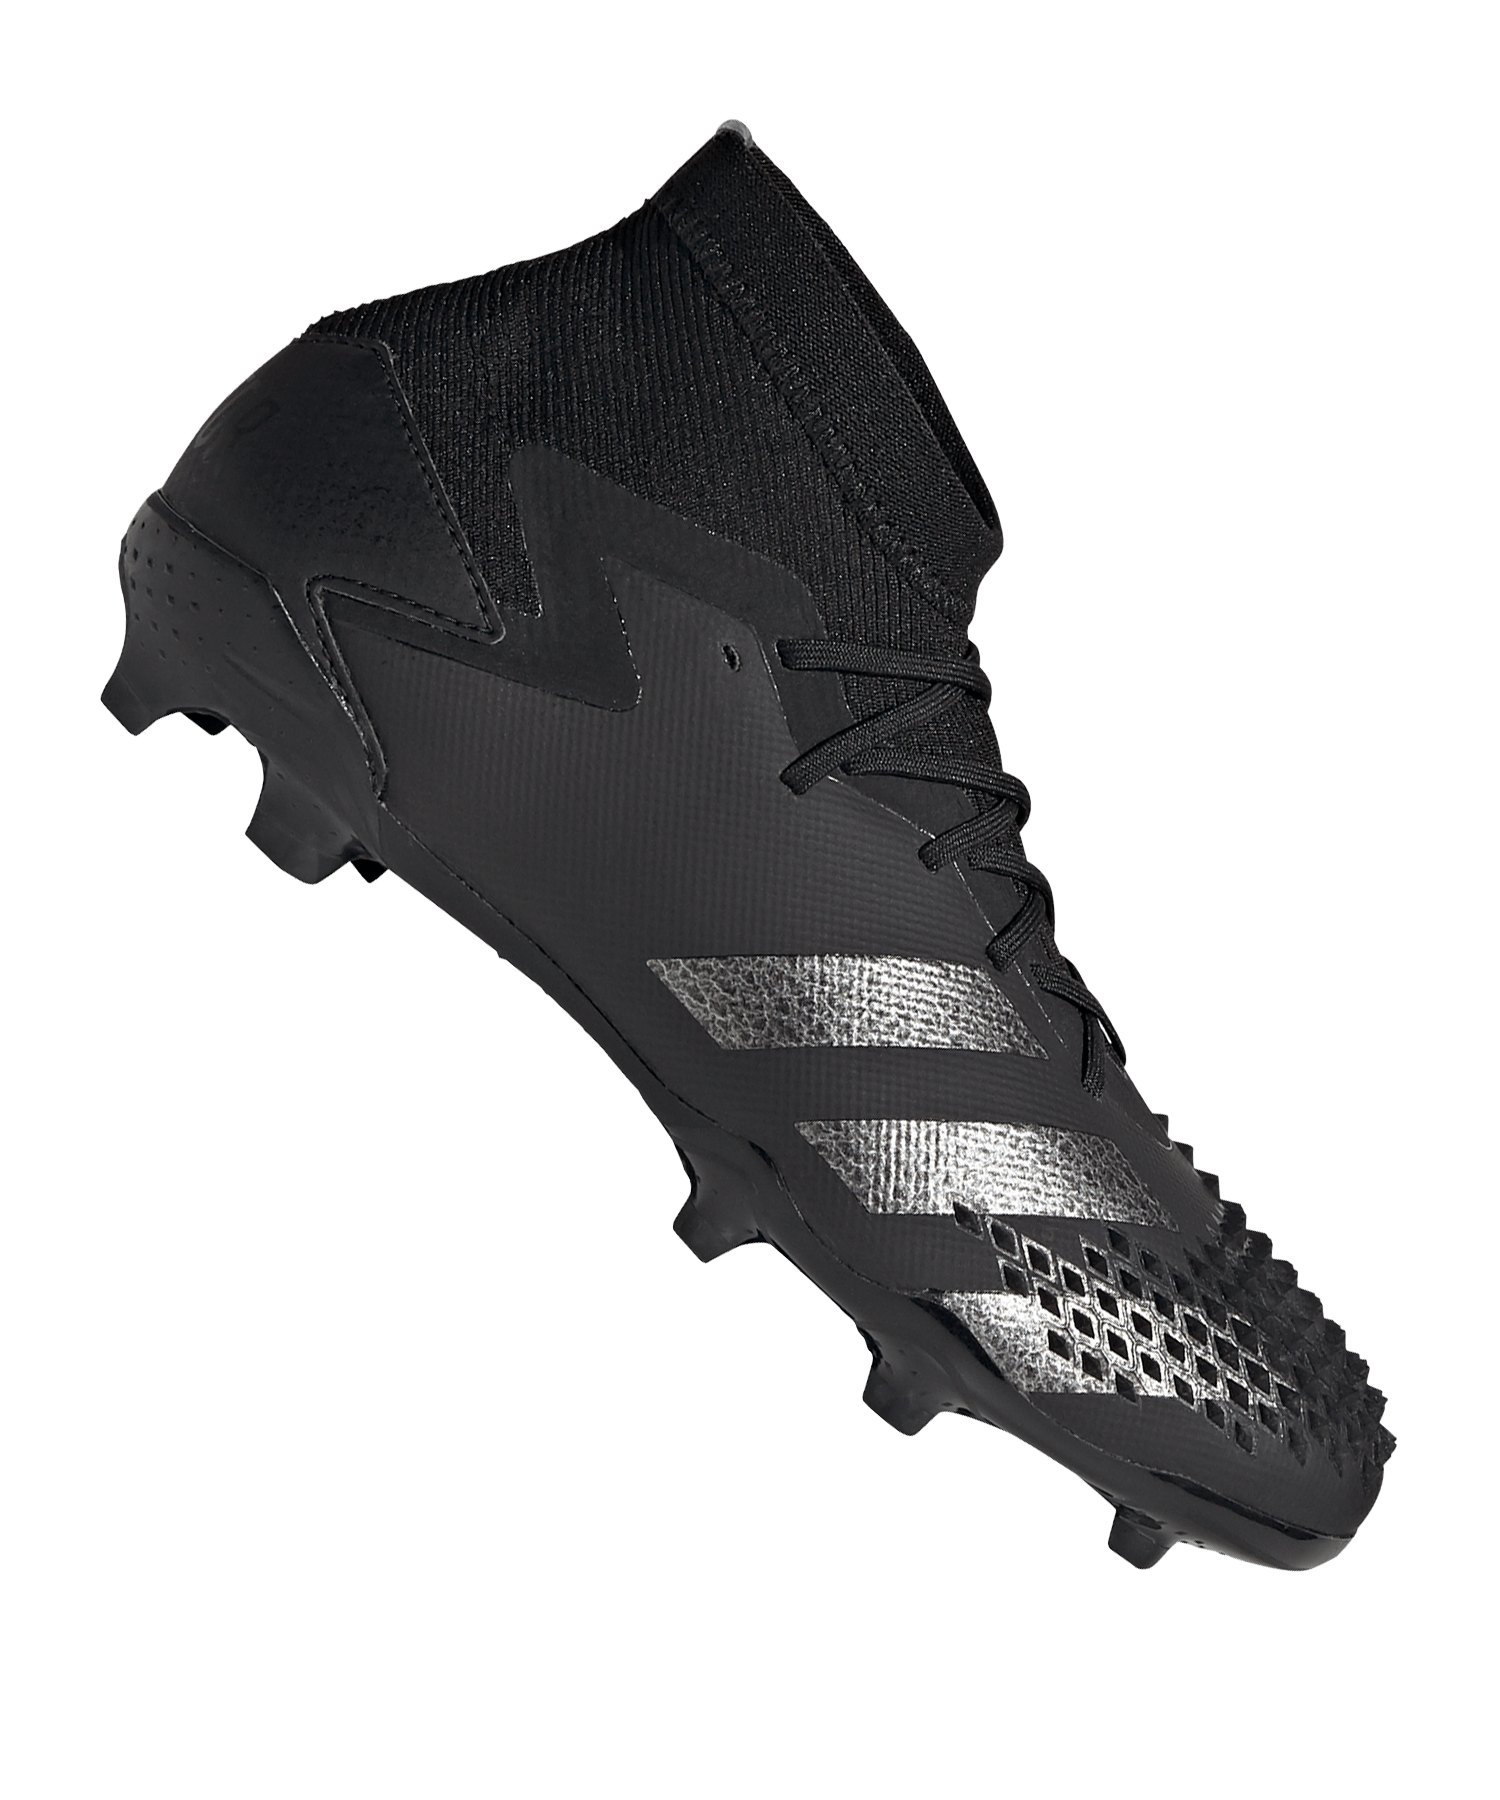 adidas Predator Shadowbeast 20.1 FG J Kids Schwarz Silber - schwarz